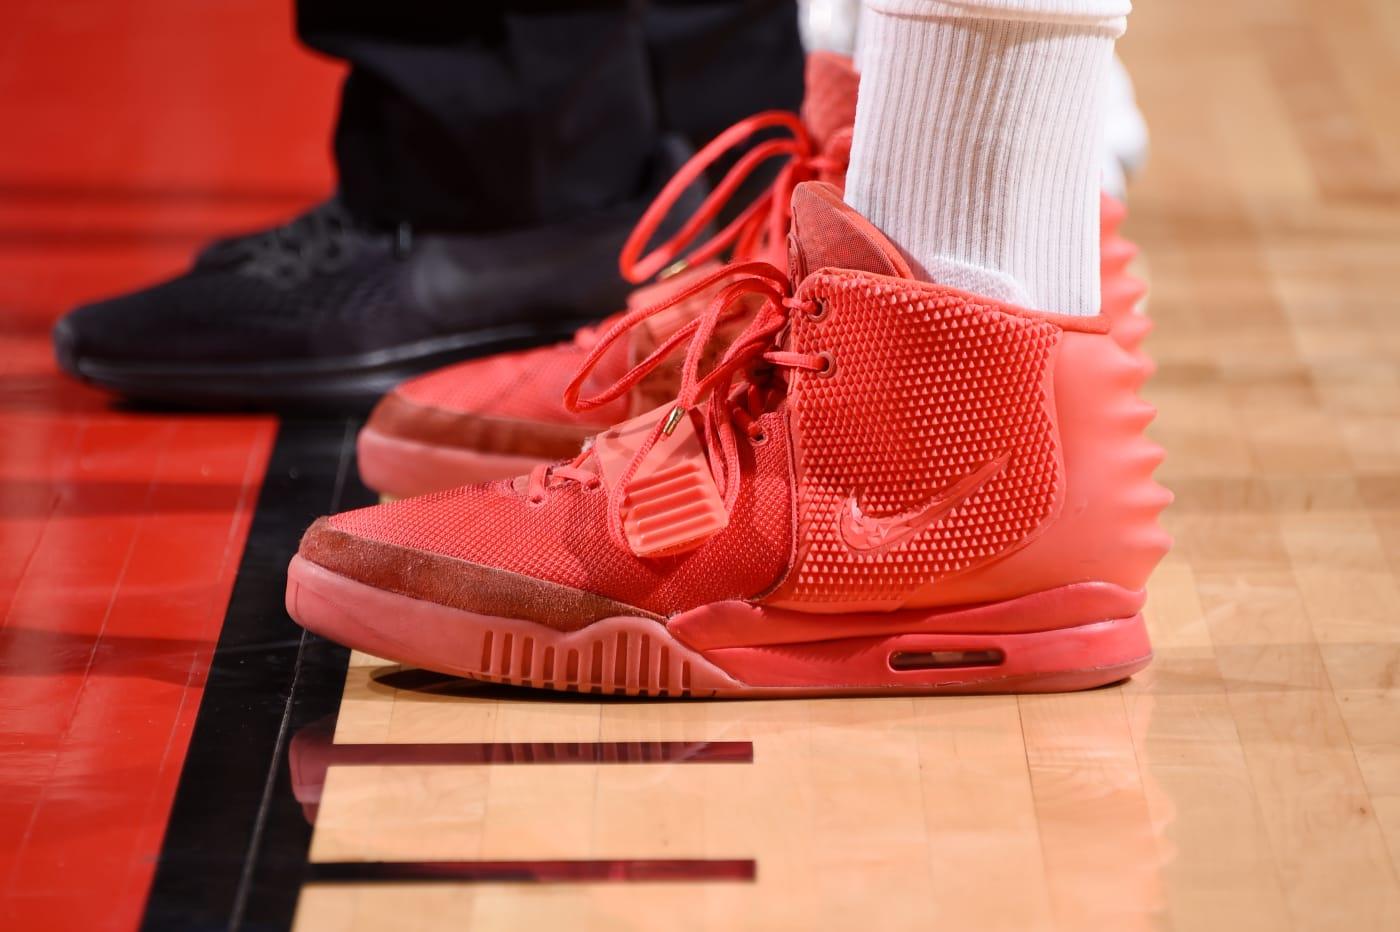 P.J. Tucker Nike Air Yeezy 2 Red October